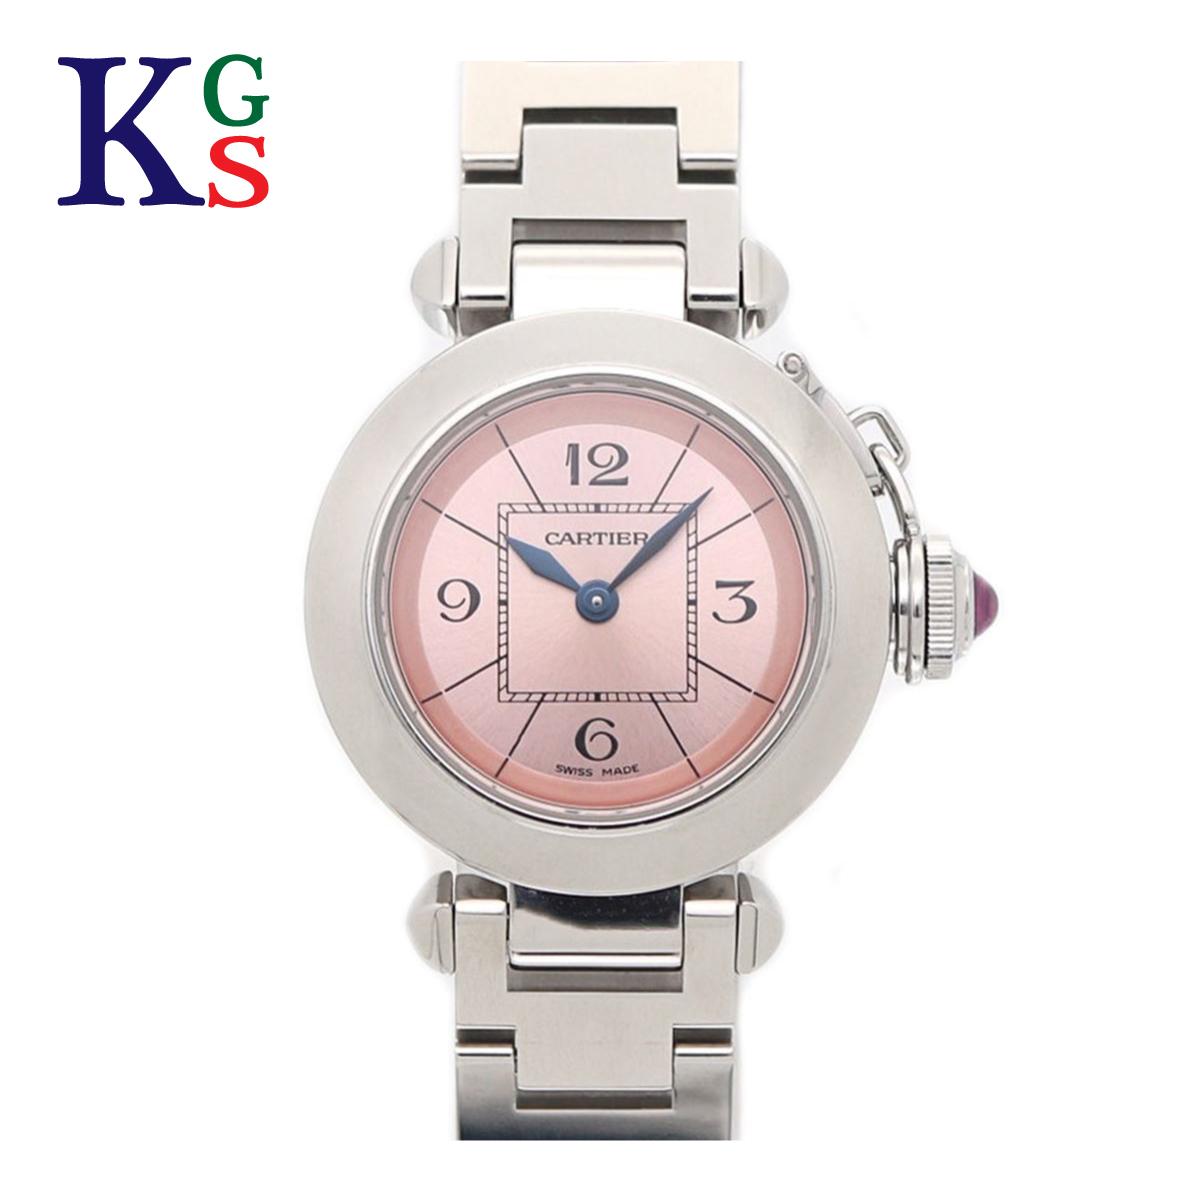 【ギフト品質】カルティエ/Cartier レディース 腕時計 ミスパシャ 日本限定モデル ピンク文字盤 クオーツ 2973 W3140008